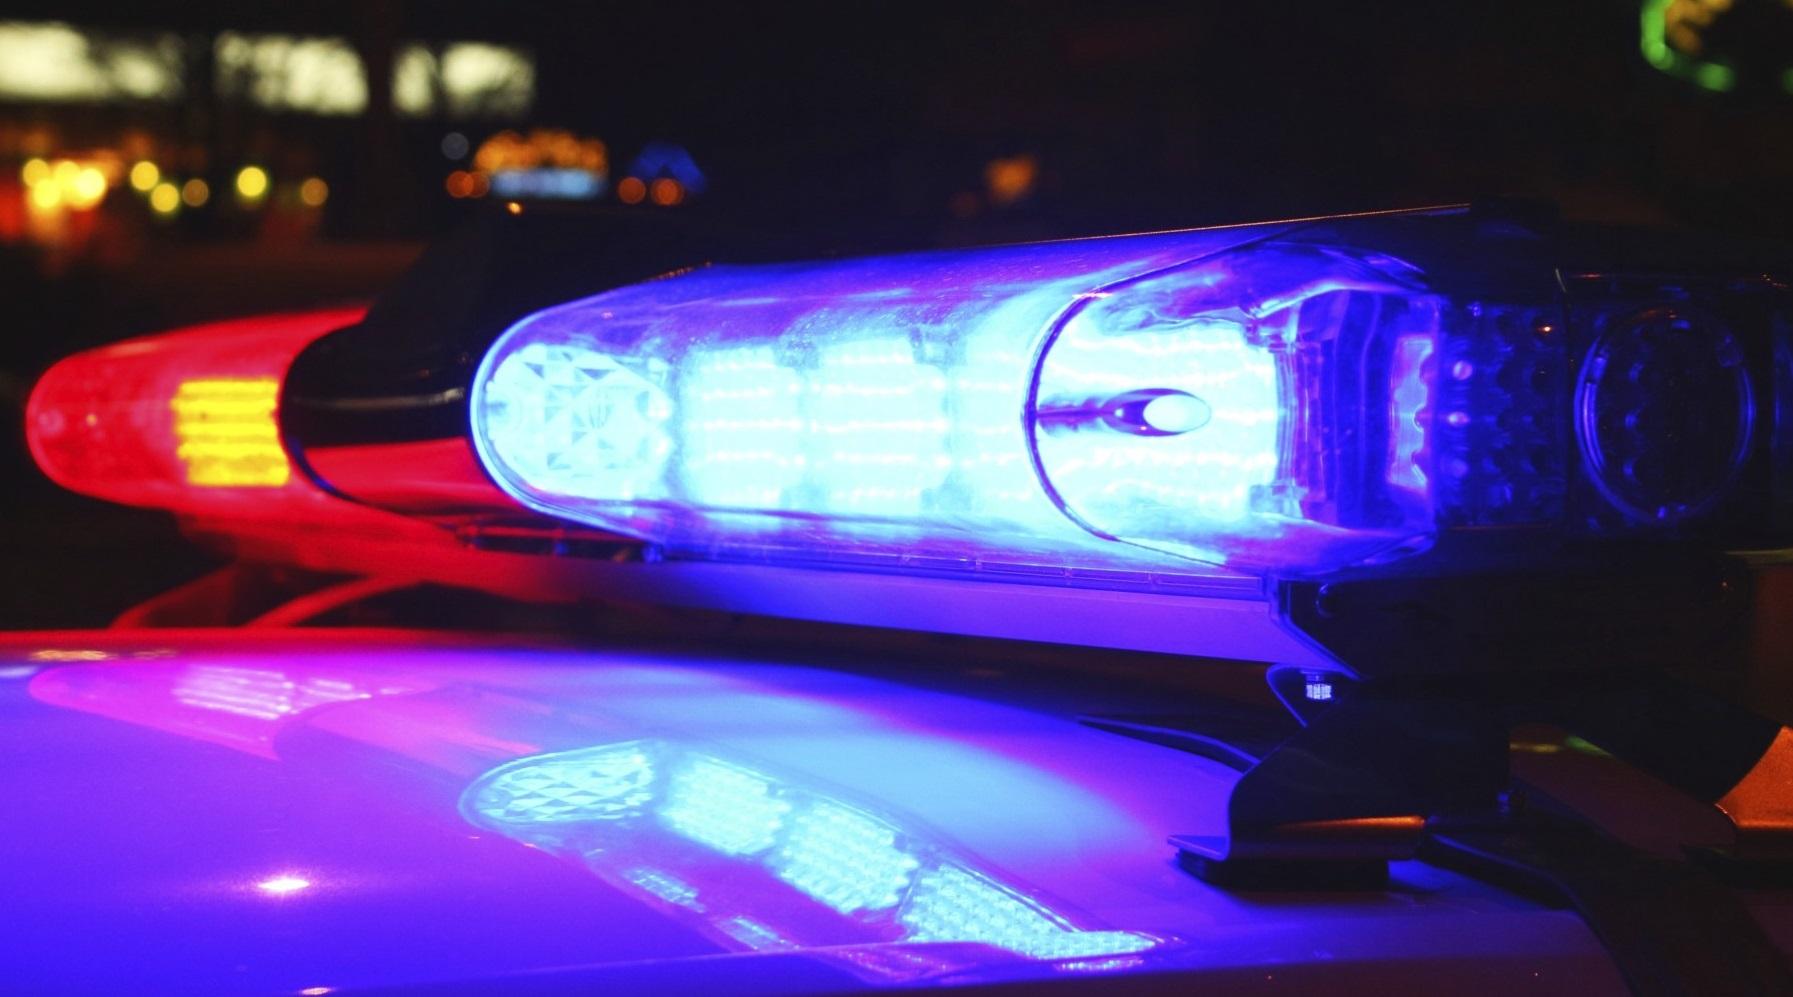 На місці події працюють поліцейські. Проводяться першочергові заходи та перевіряються всі можливі причини такого вчинку чоловіка.